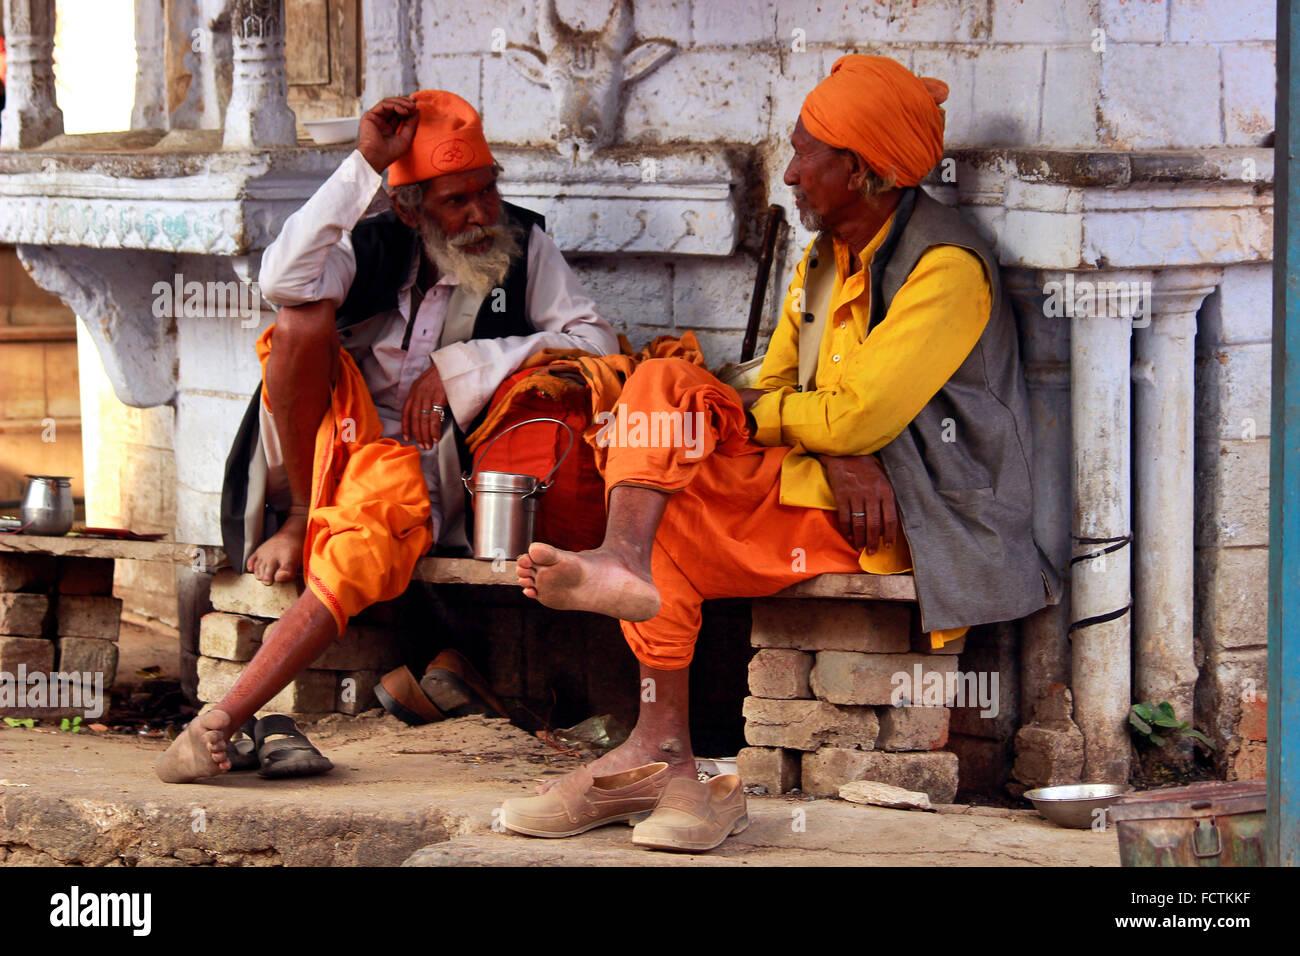 Two sadhus, Pushkar, Rajasthan, India - Stock Image